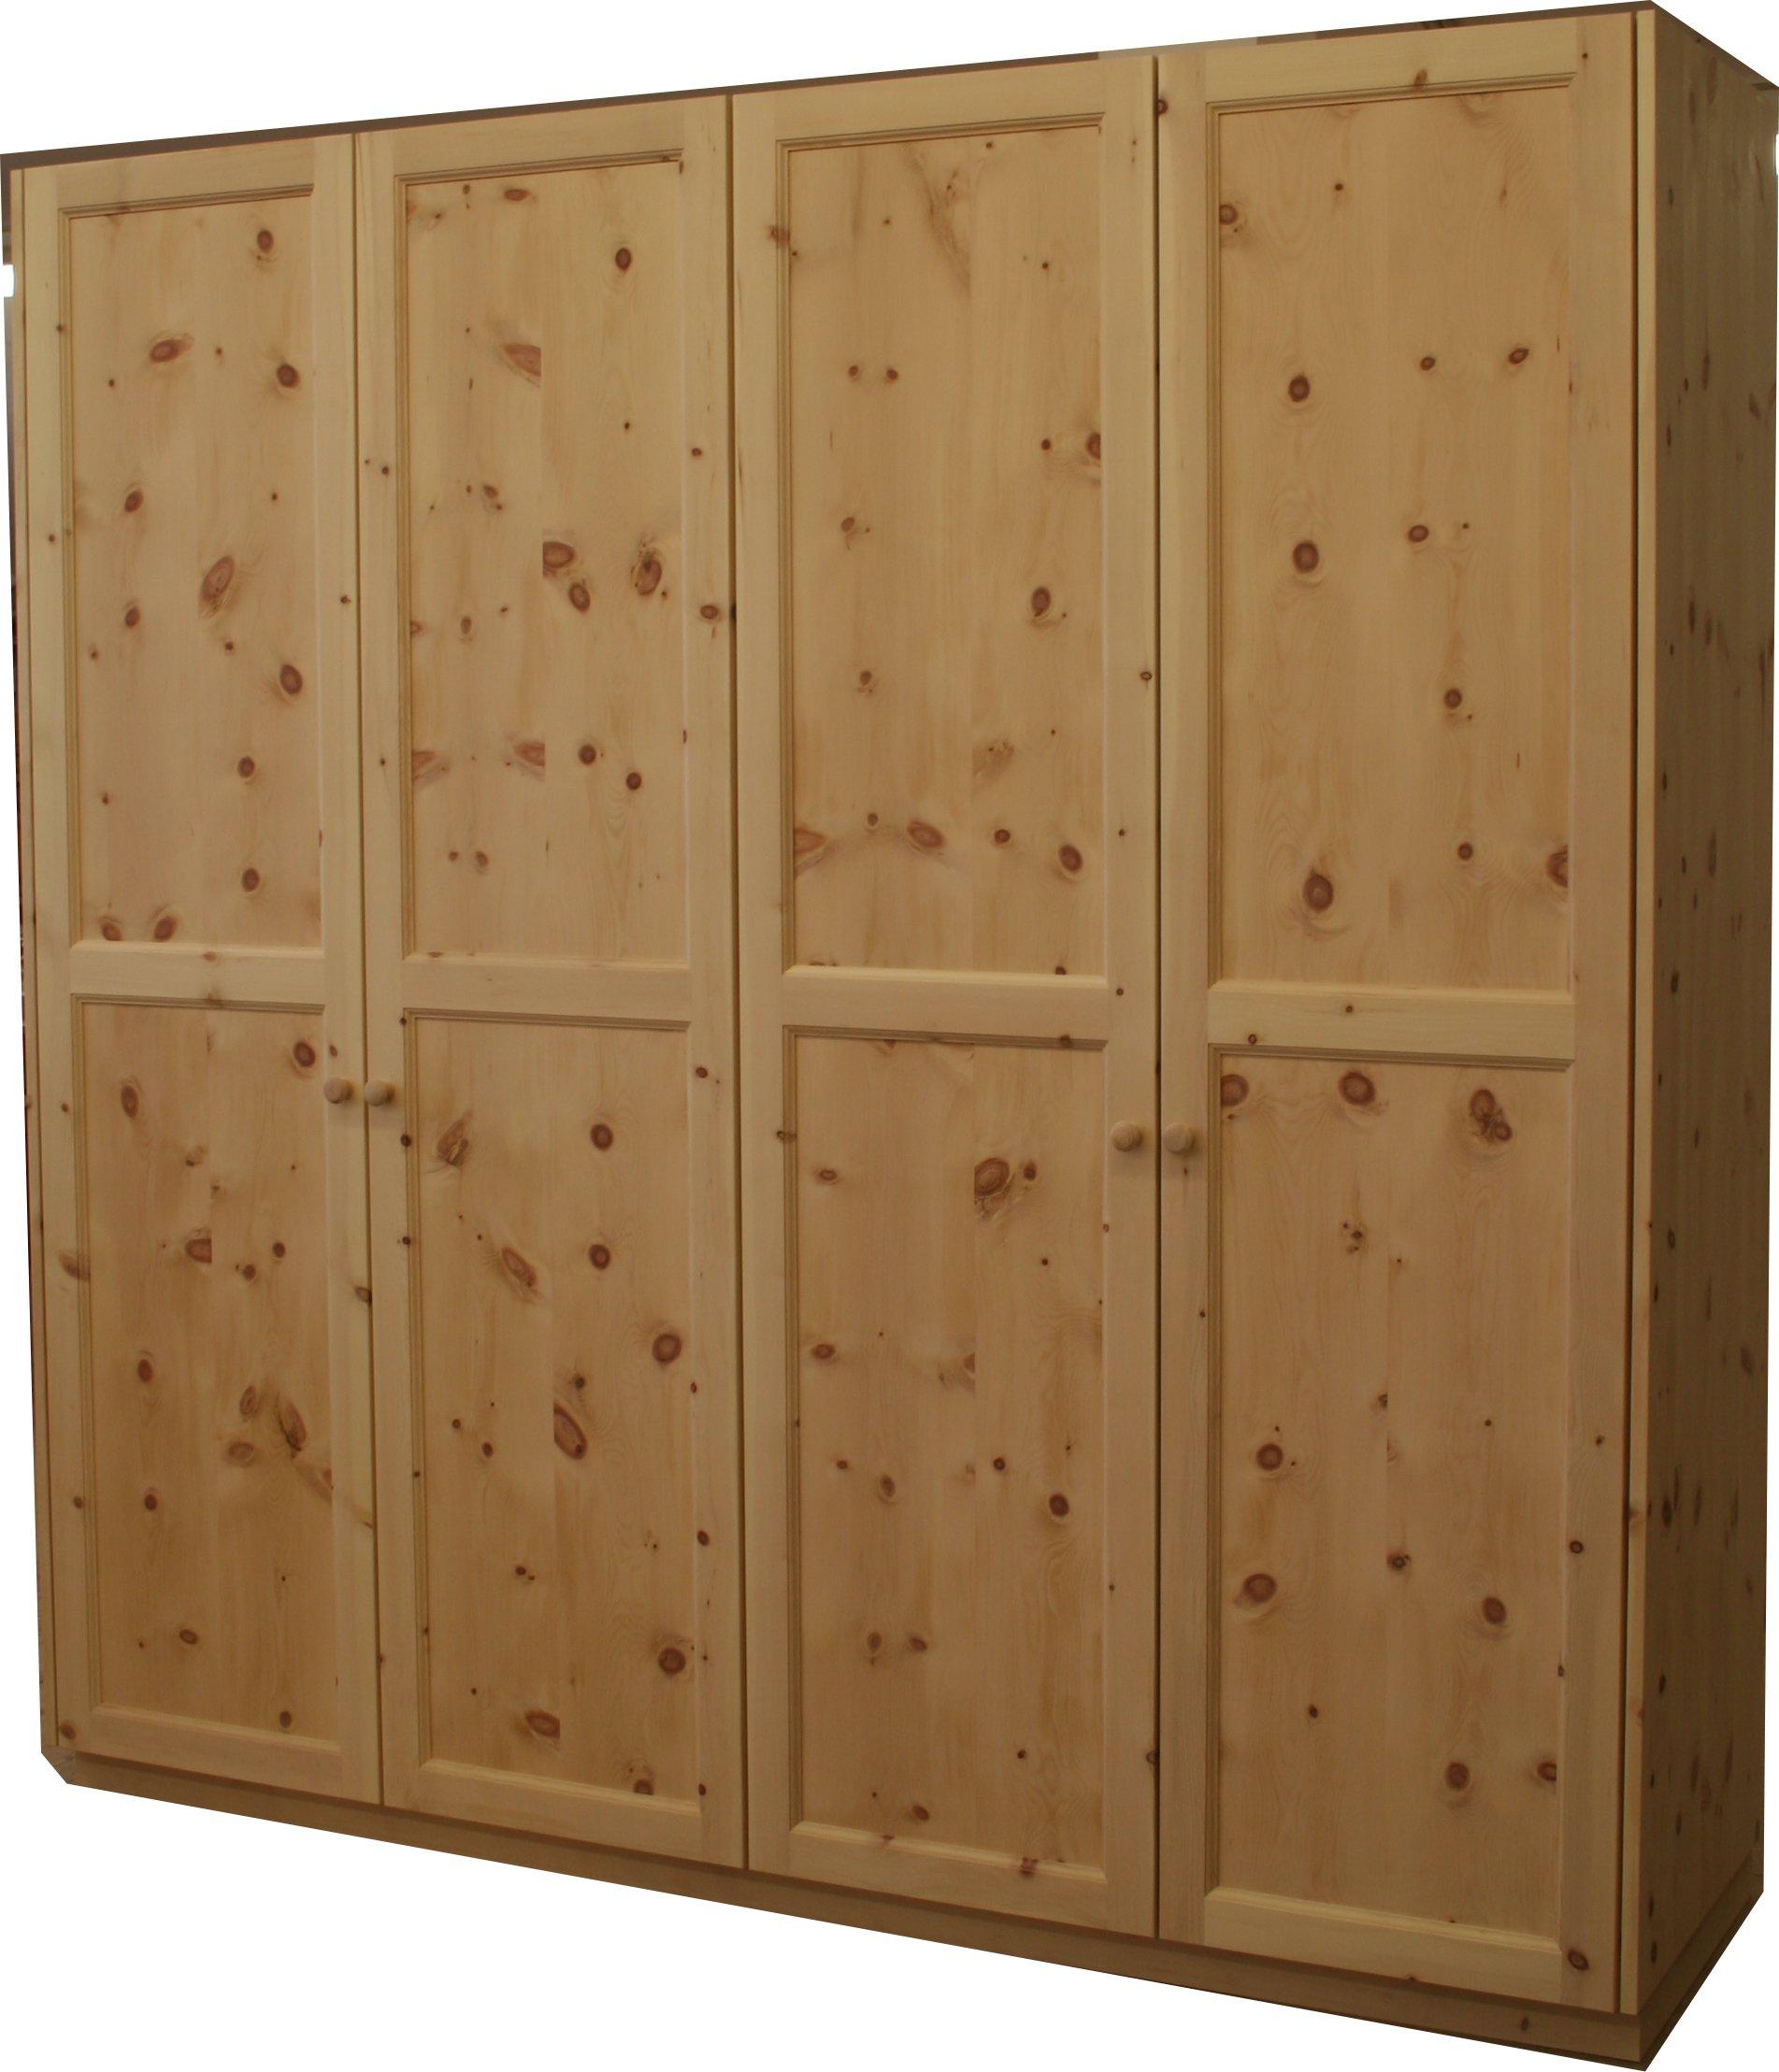 Schlafzimmer Zirbenholz Tirol | Zirbenholz Schlafzimmer Gsund Schlafen Und Wohnen Loferer Ihr